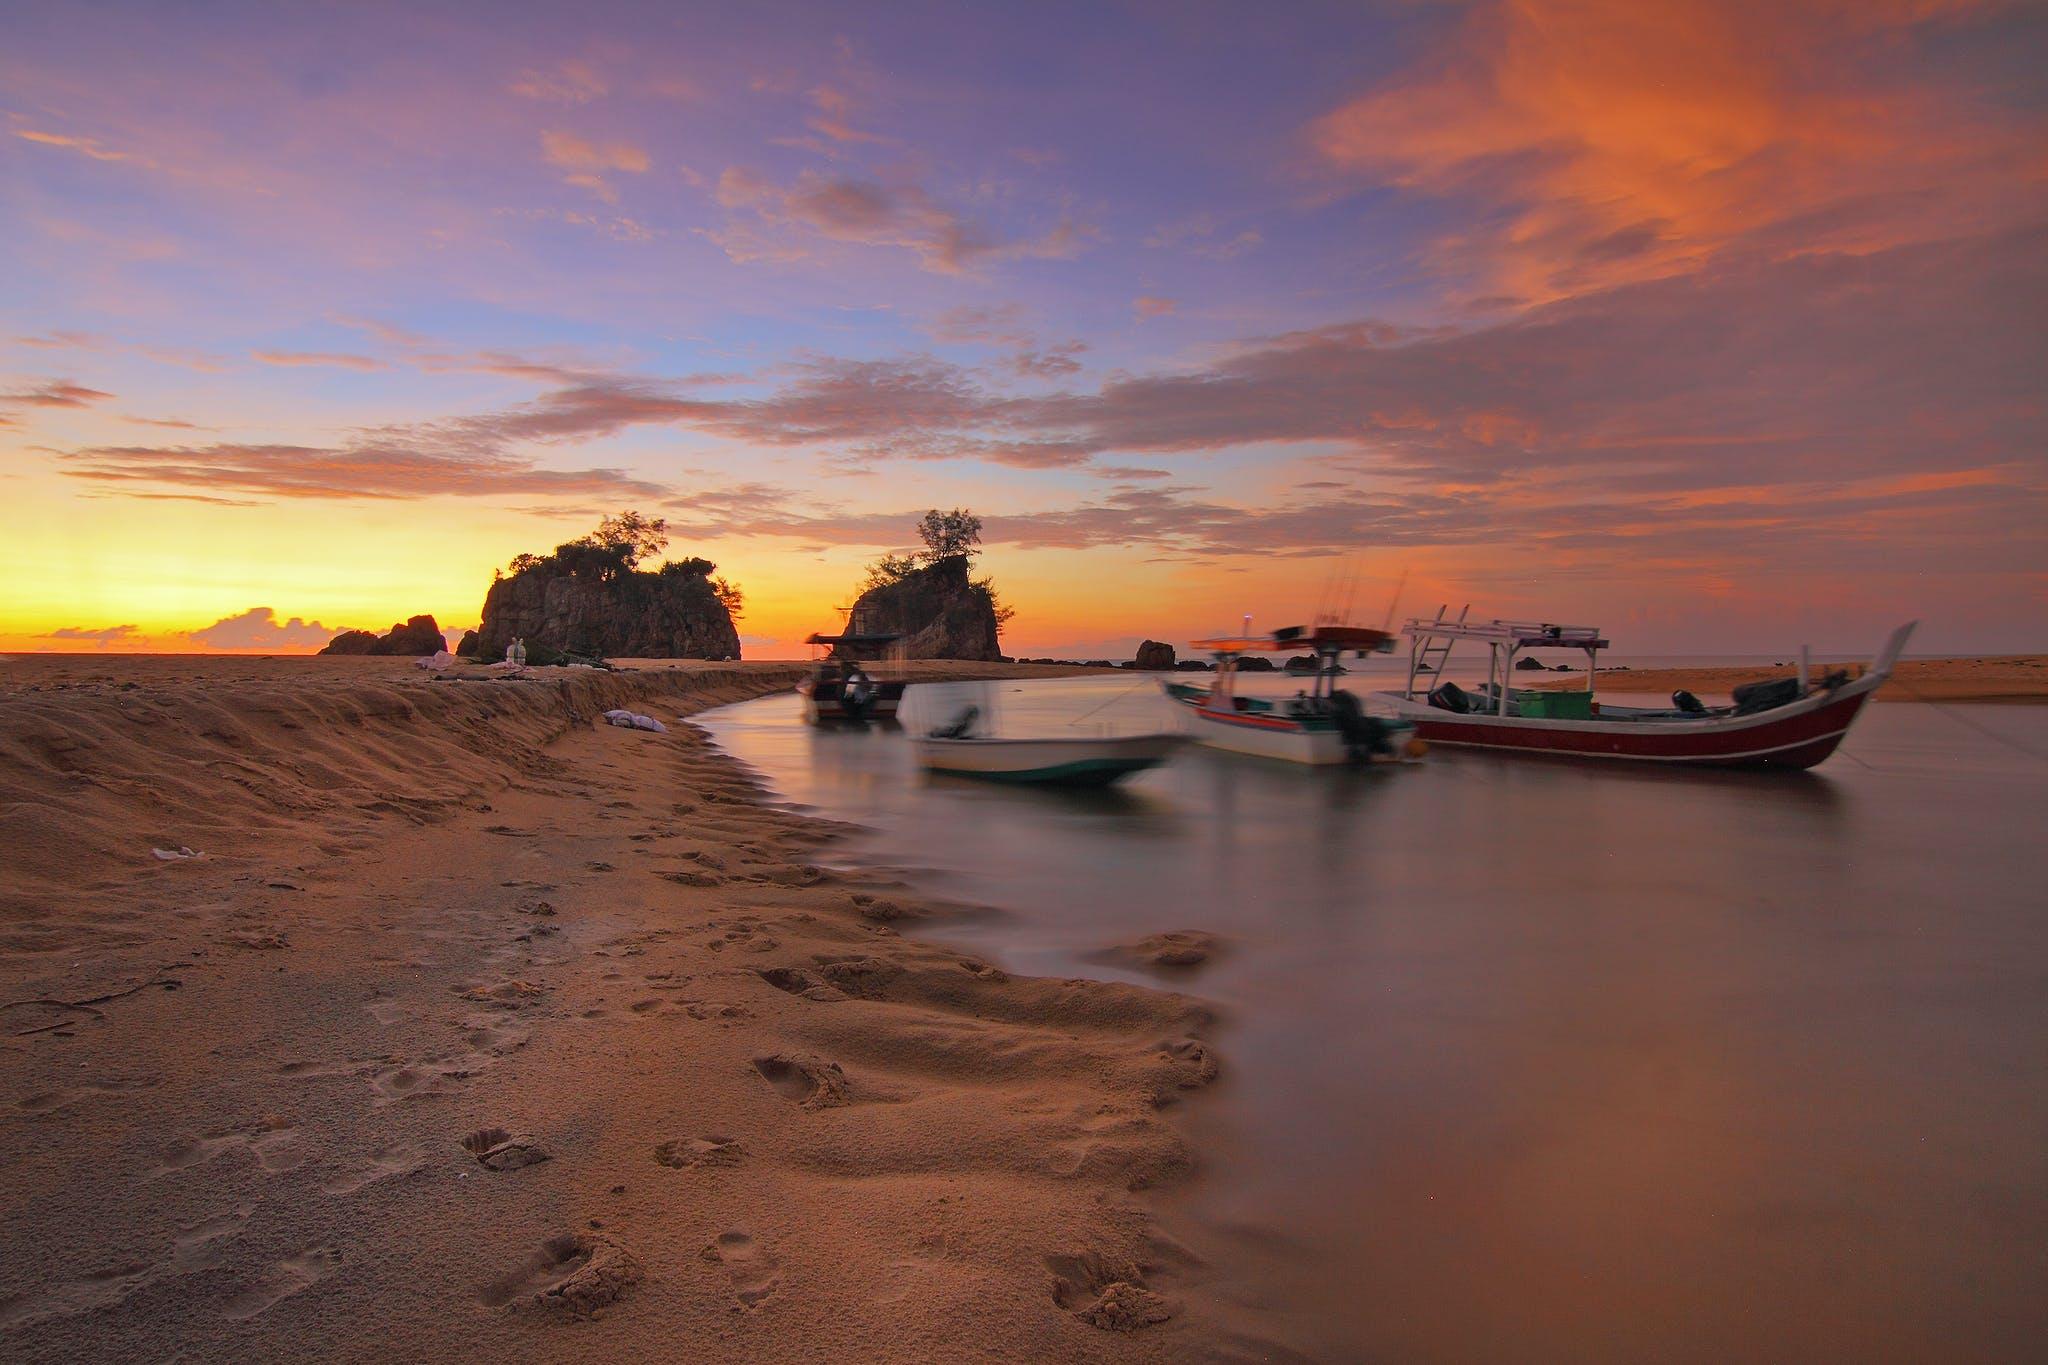 White Boat Docking on Seashore during Sunset